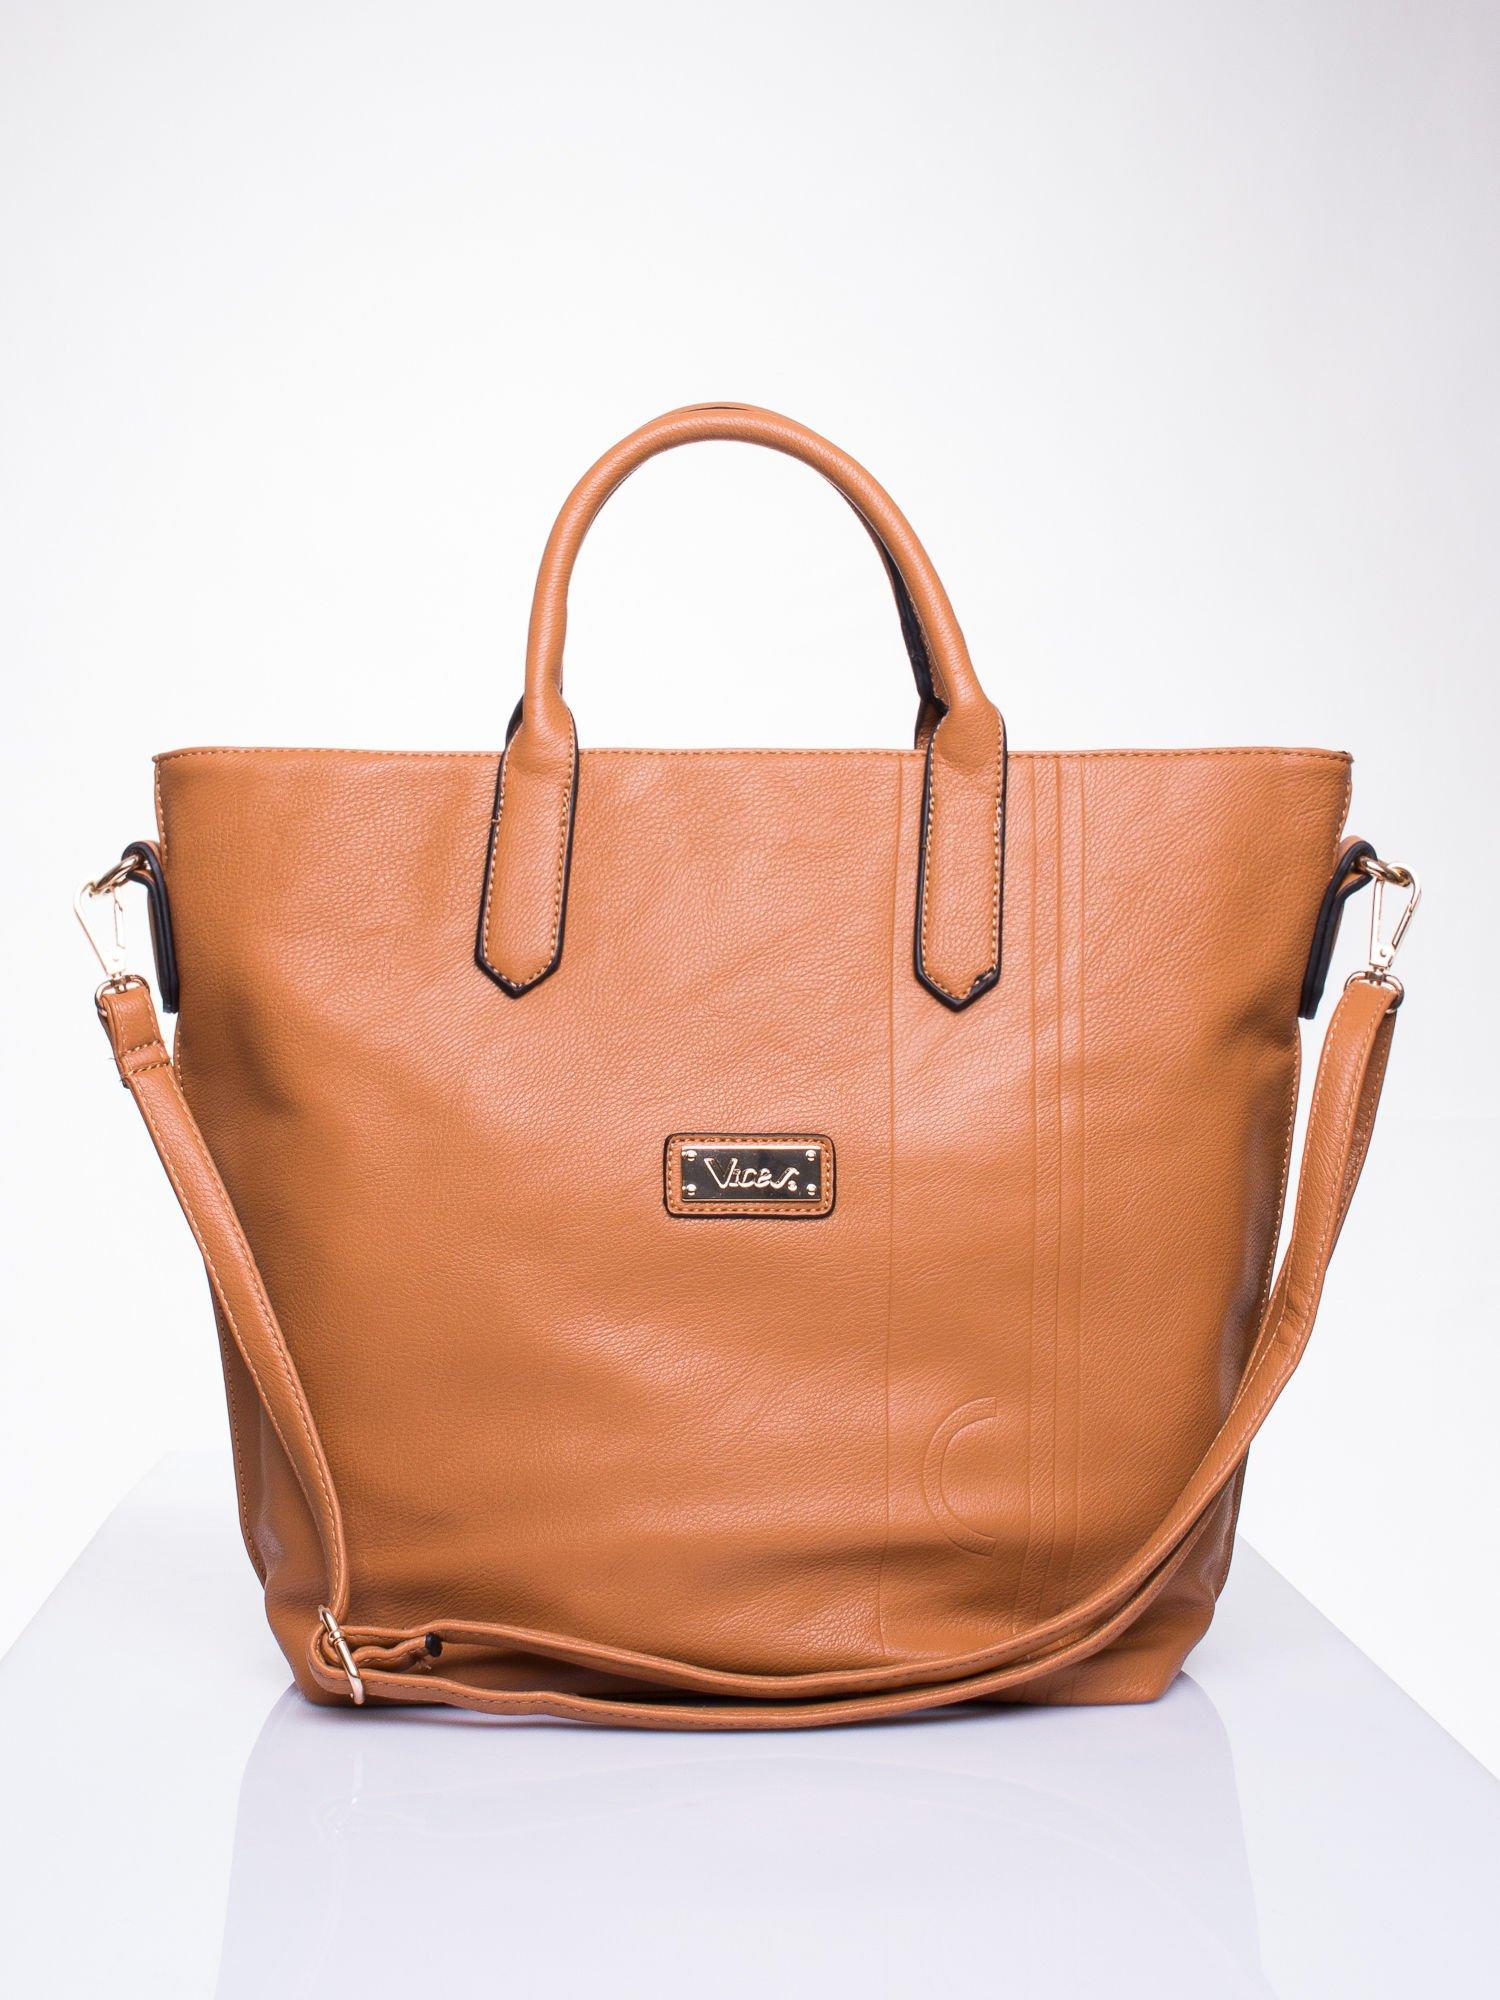 Brązowa torba damska do ręki                                  zdj.                                  1